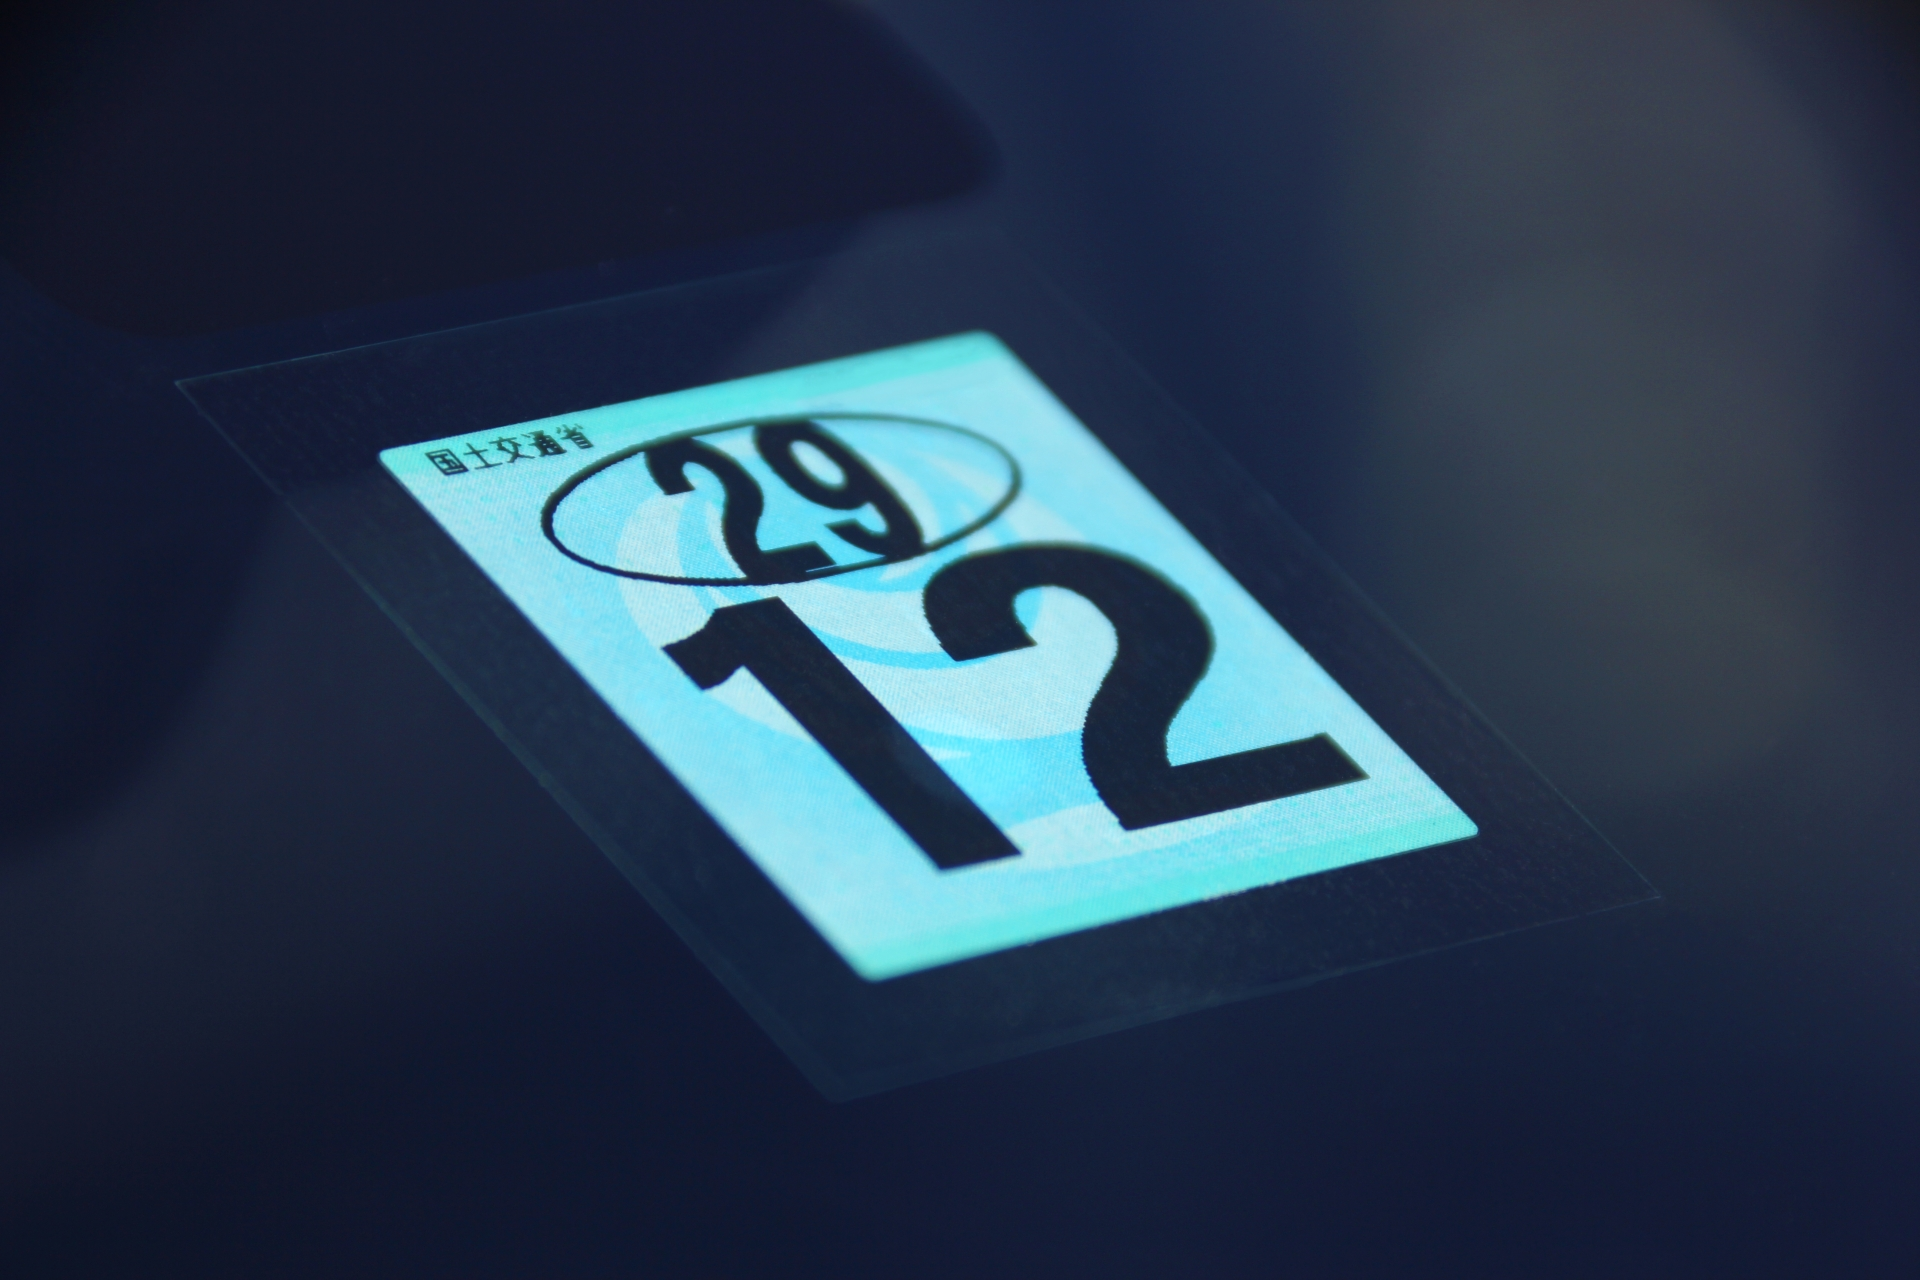 車 自動車 軽自動車 貨物 車検 期間 期限 ステッカー